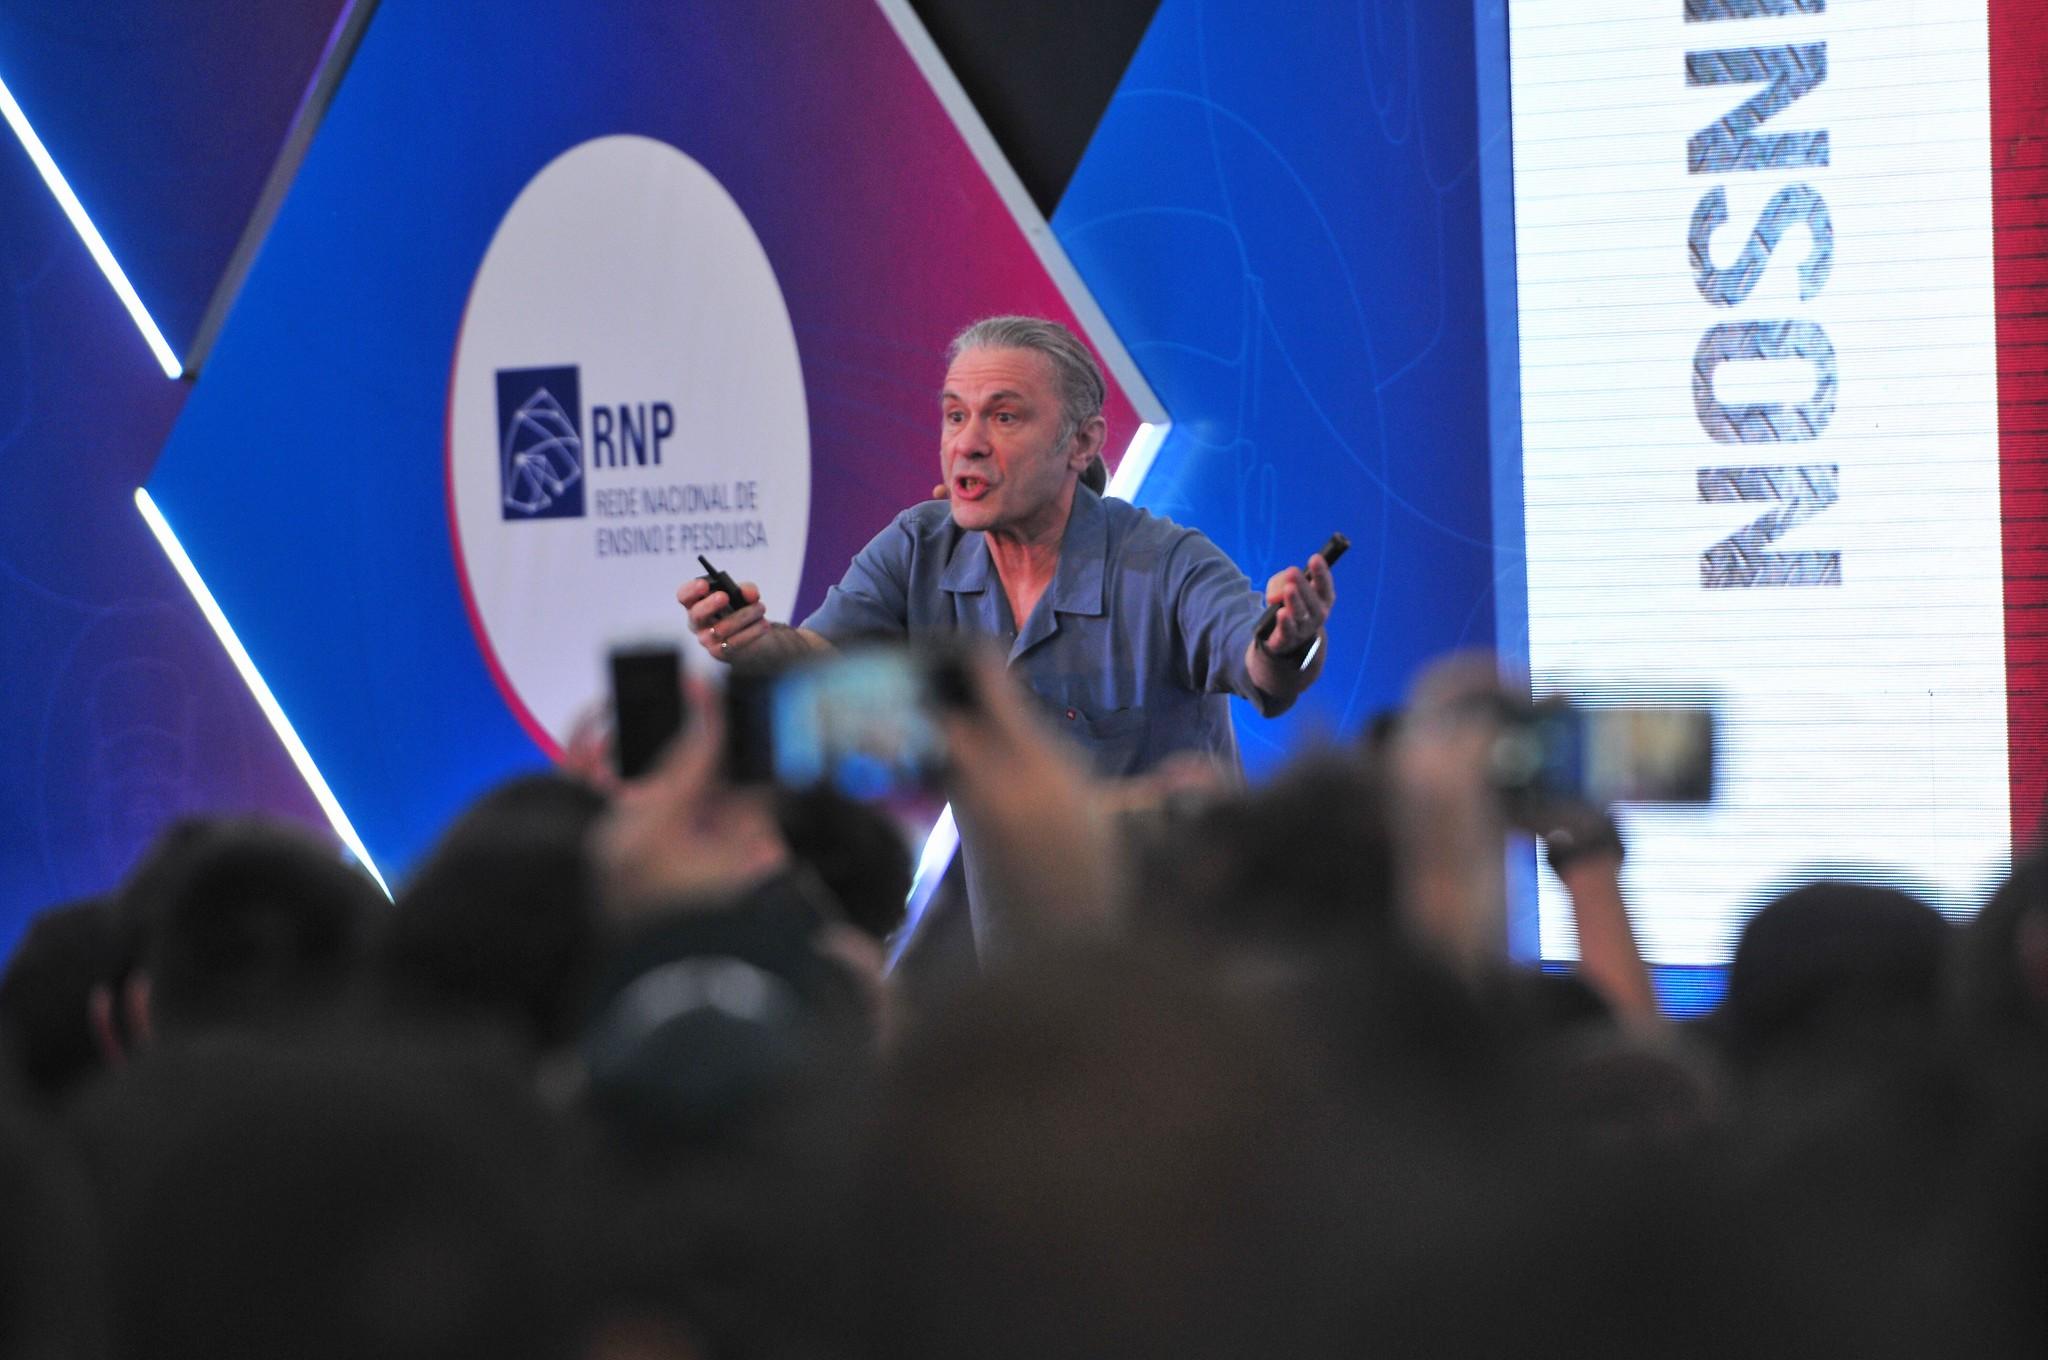 Palestras do cantor Bruce Dickinson foram disputadas no Brasil. [5]